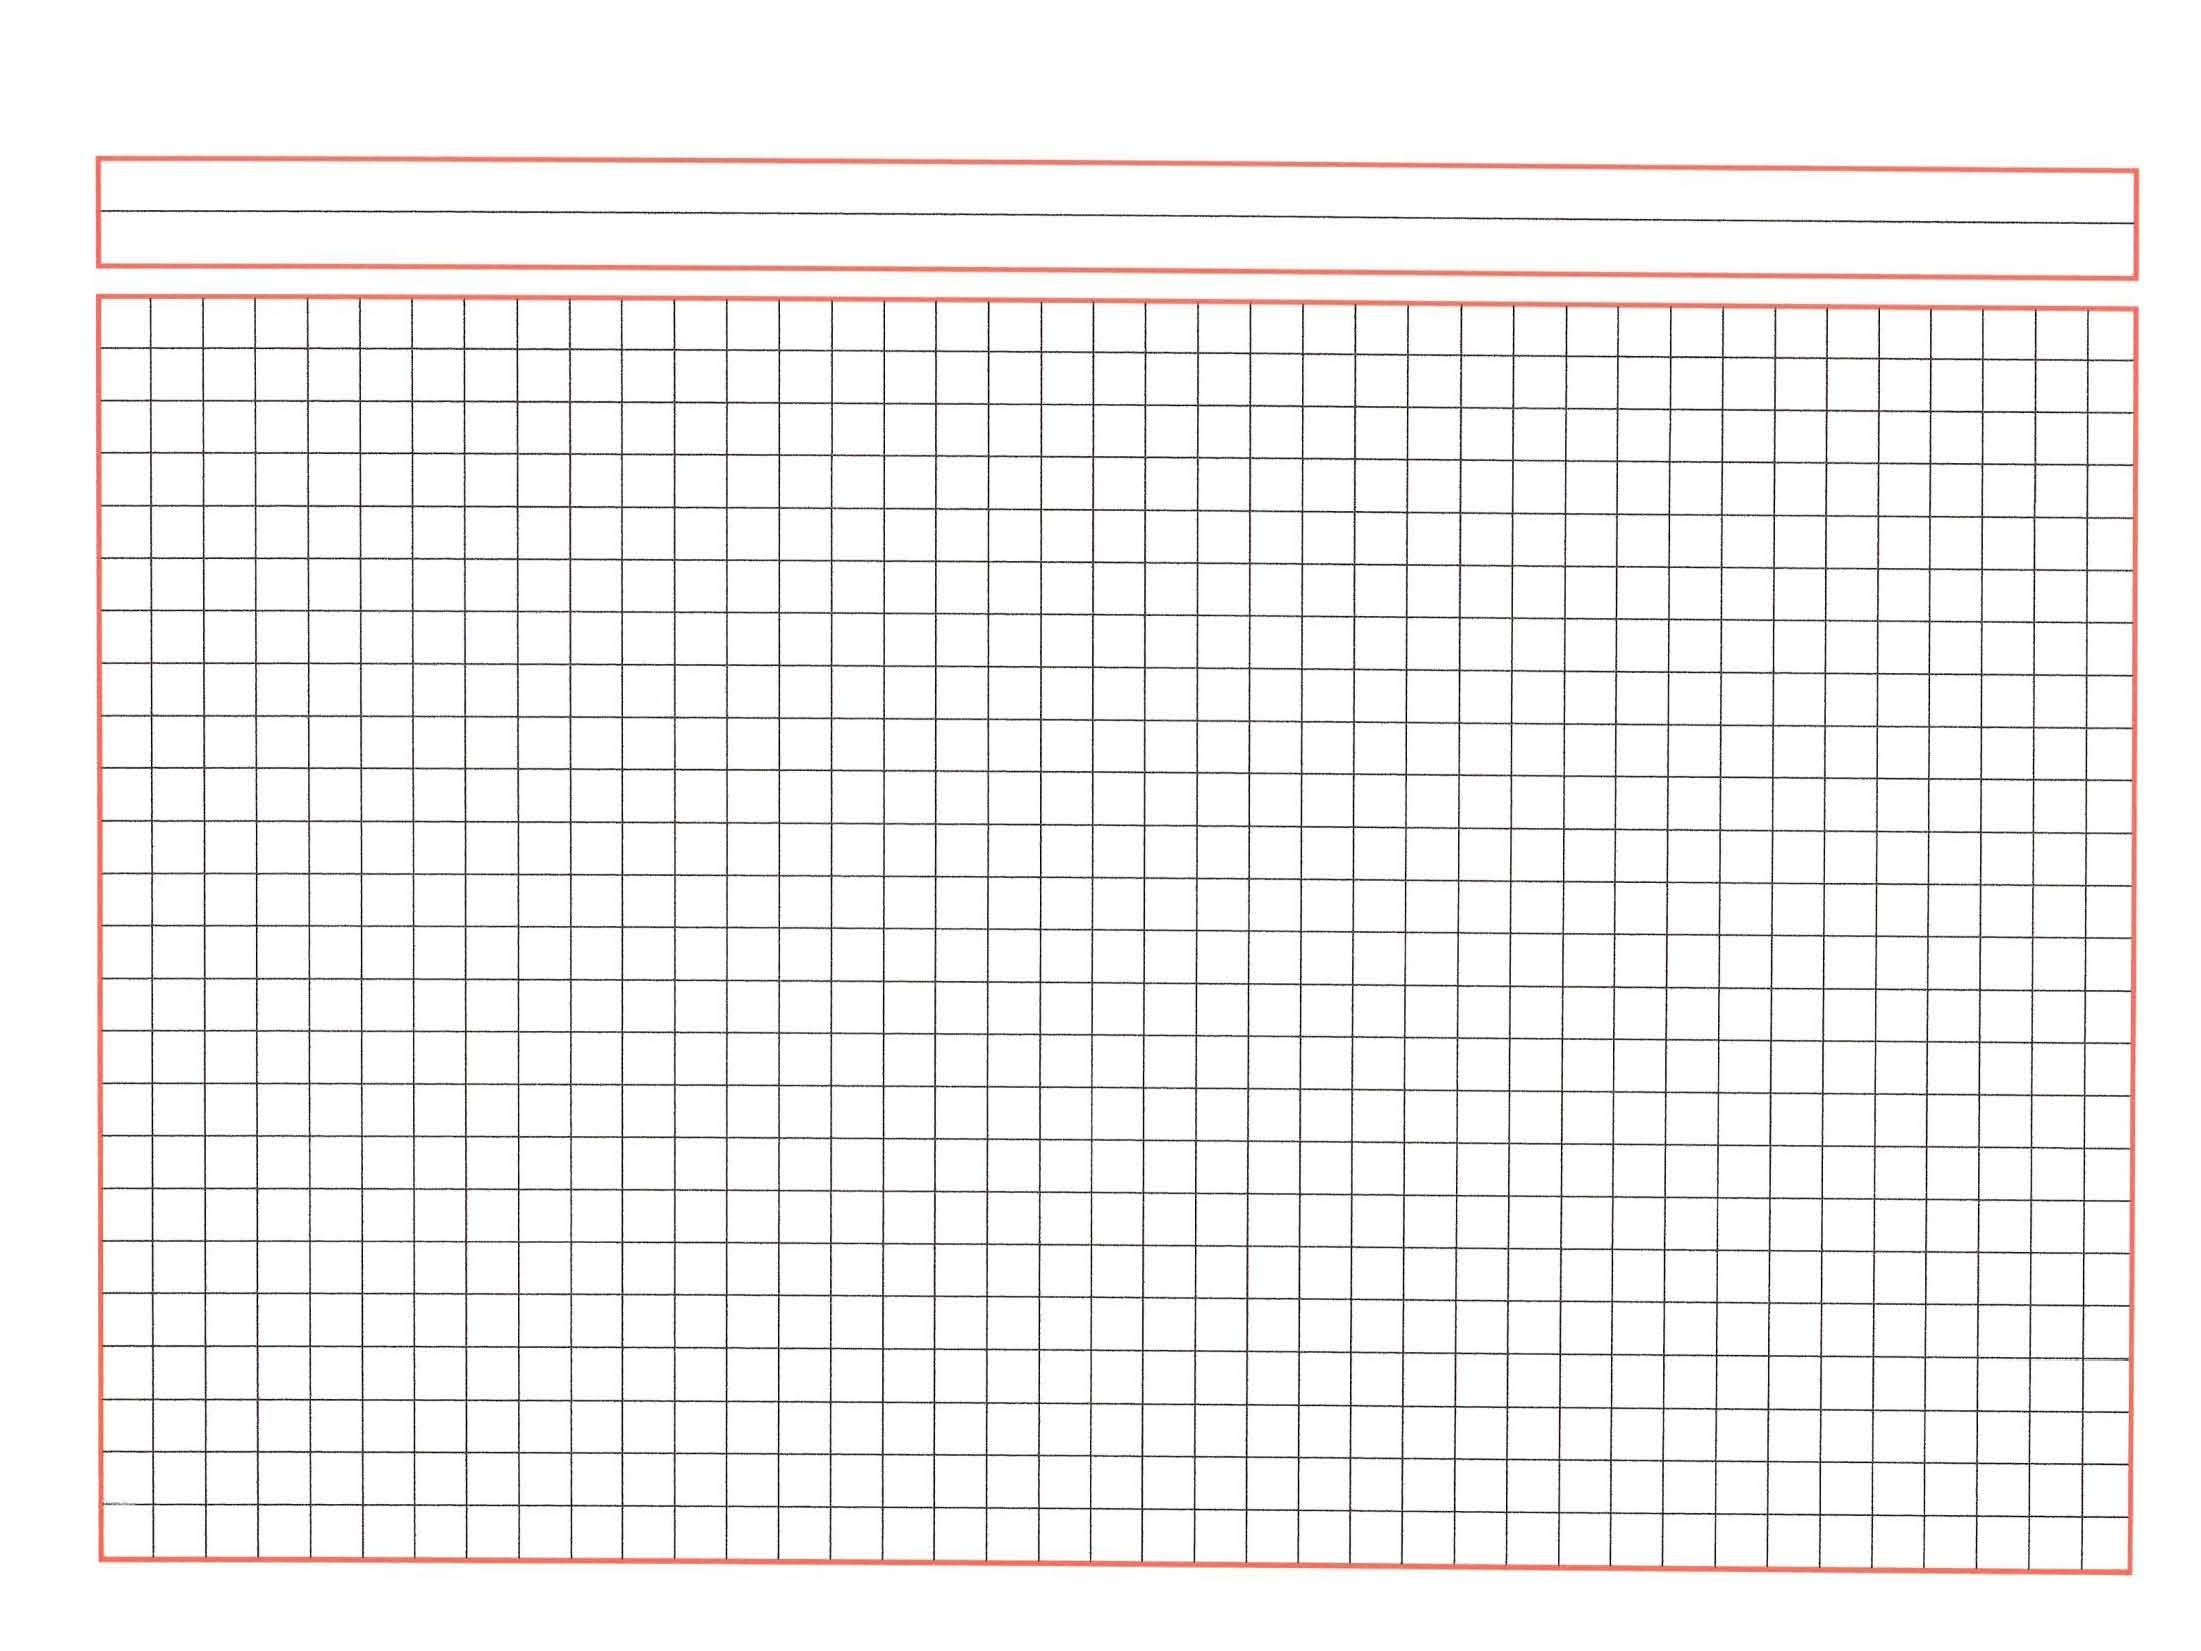 cuaderno-maduracion_pagina_43